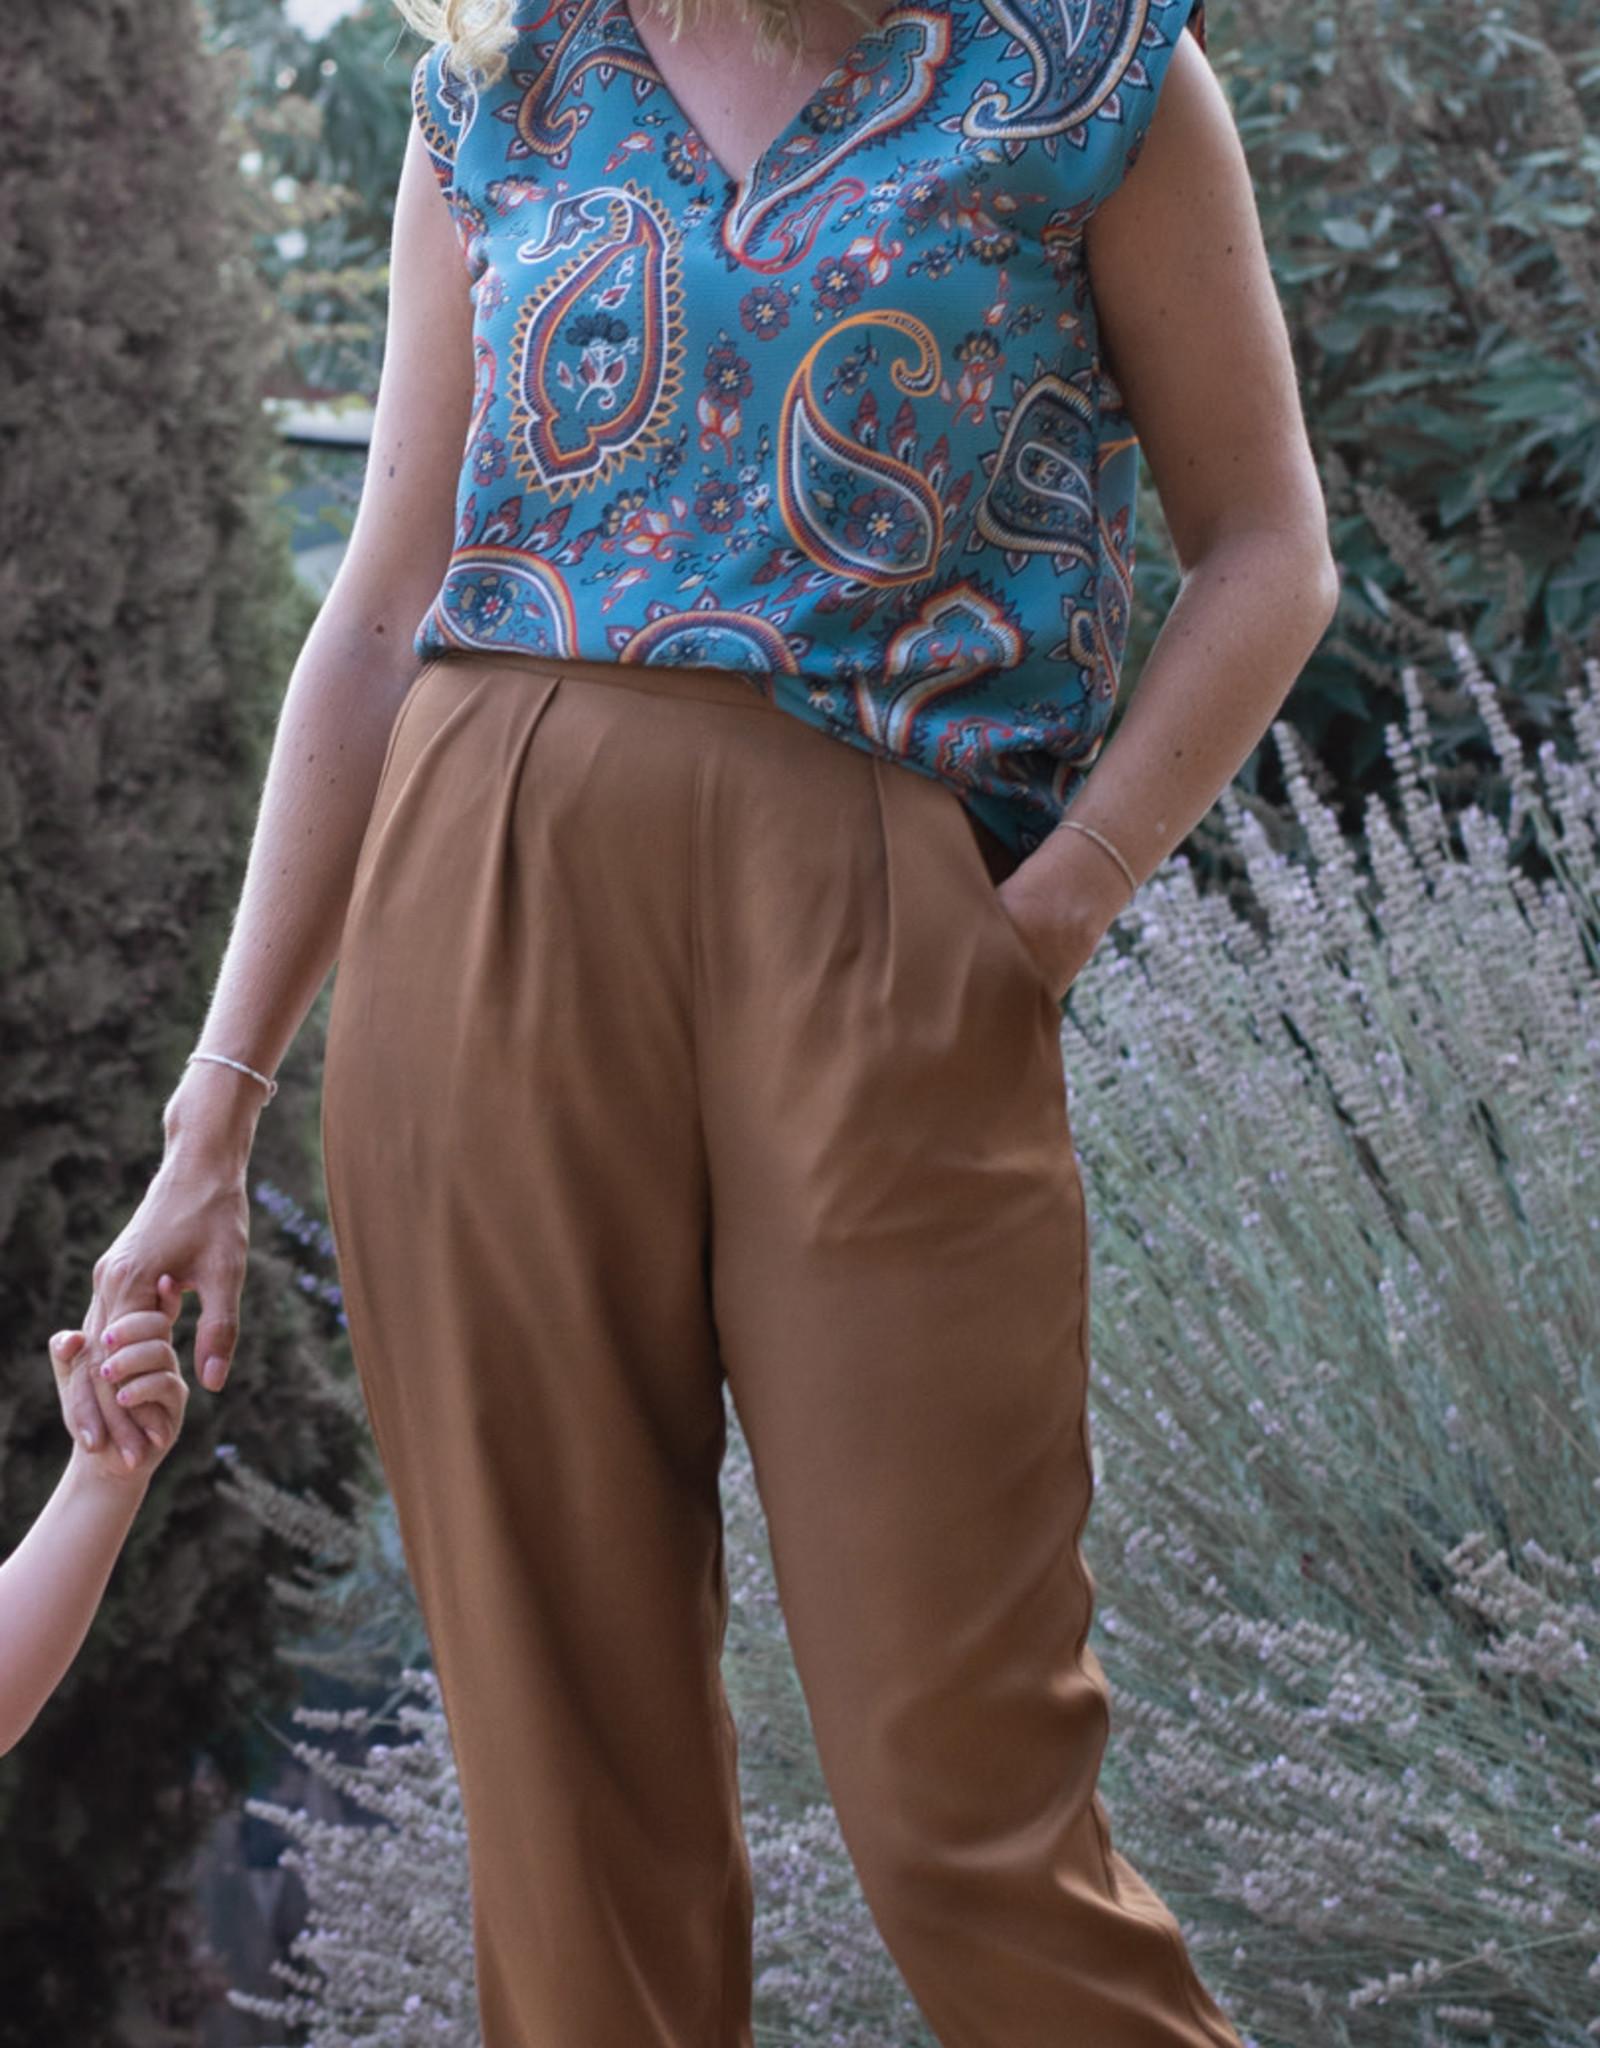 Bel ' Etoile Bel' Etoile papieren patroon Nia top en broek voor dames & tieners